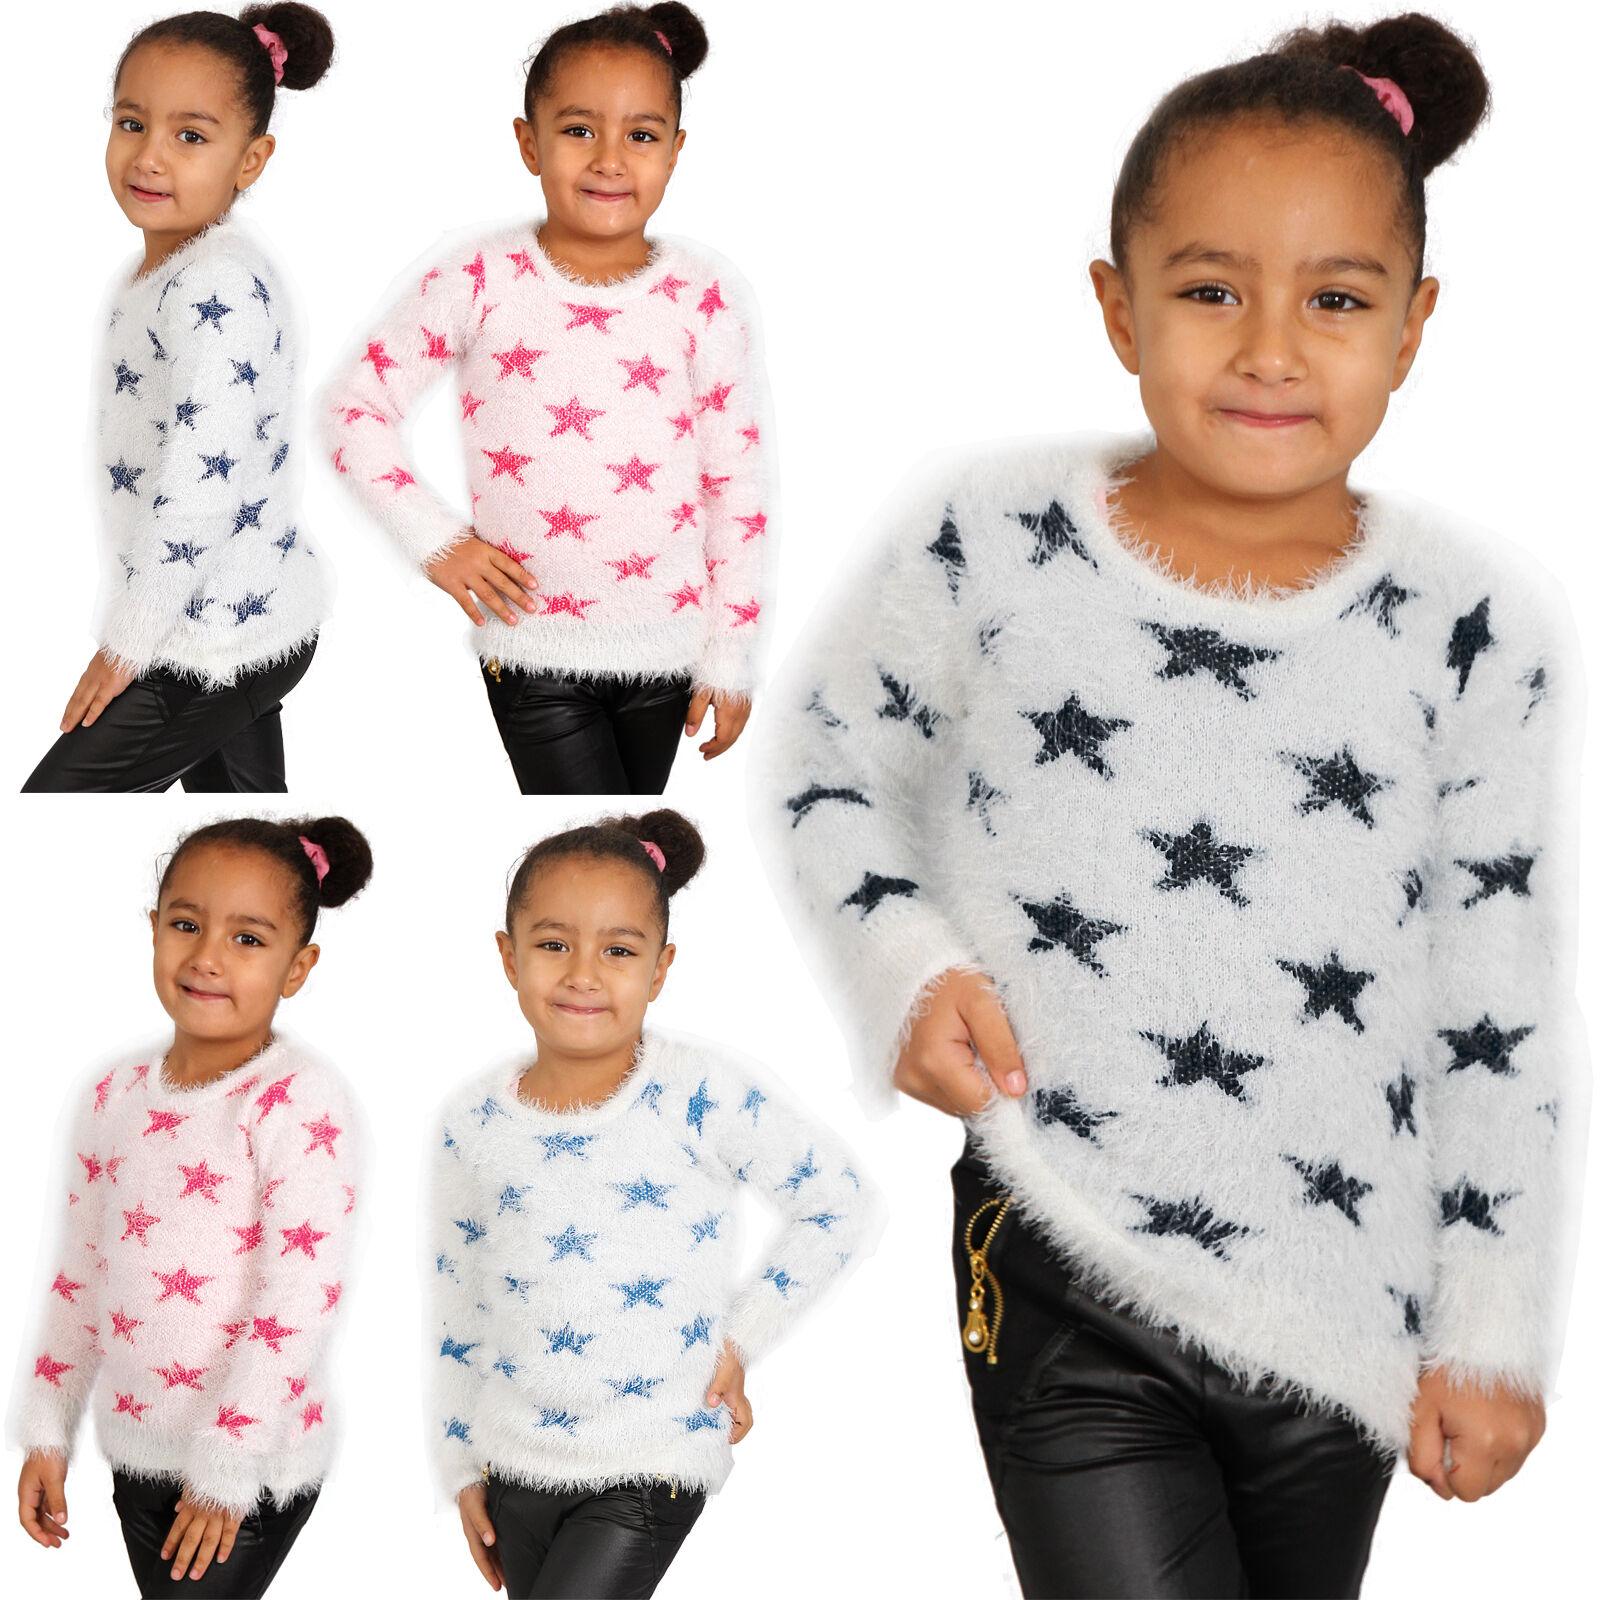 Kinder Kuschel Strick Pulli Stern Baby Mädchen Winter Sweat Shirt Sterne Weiß 01